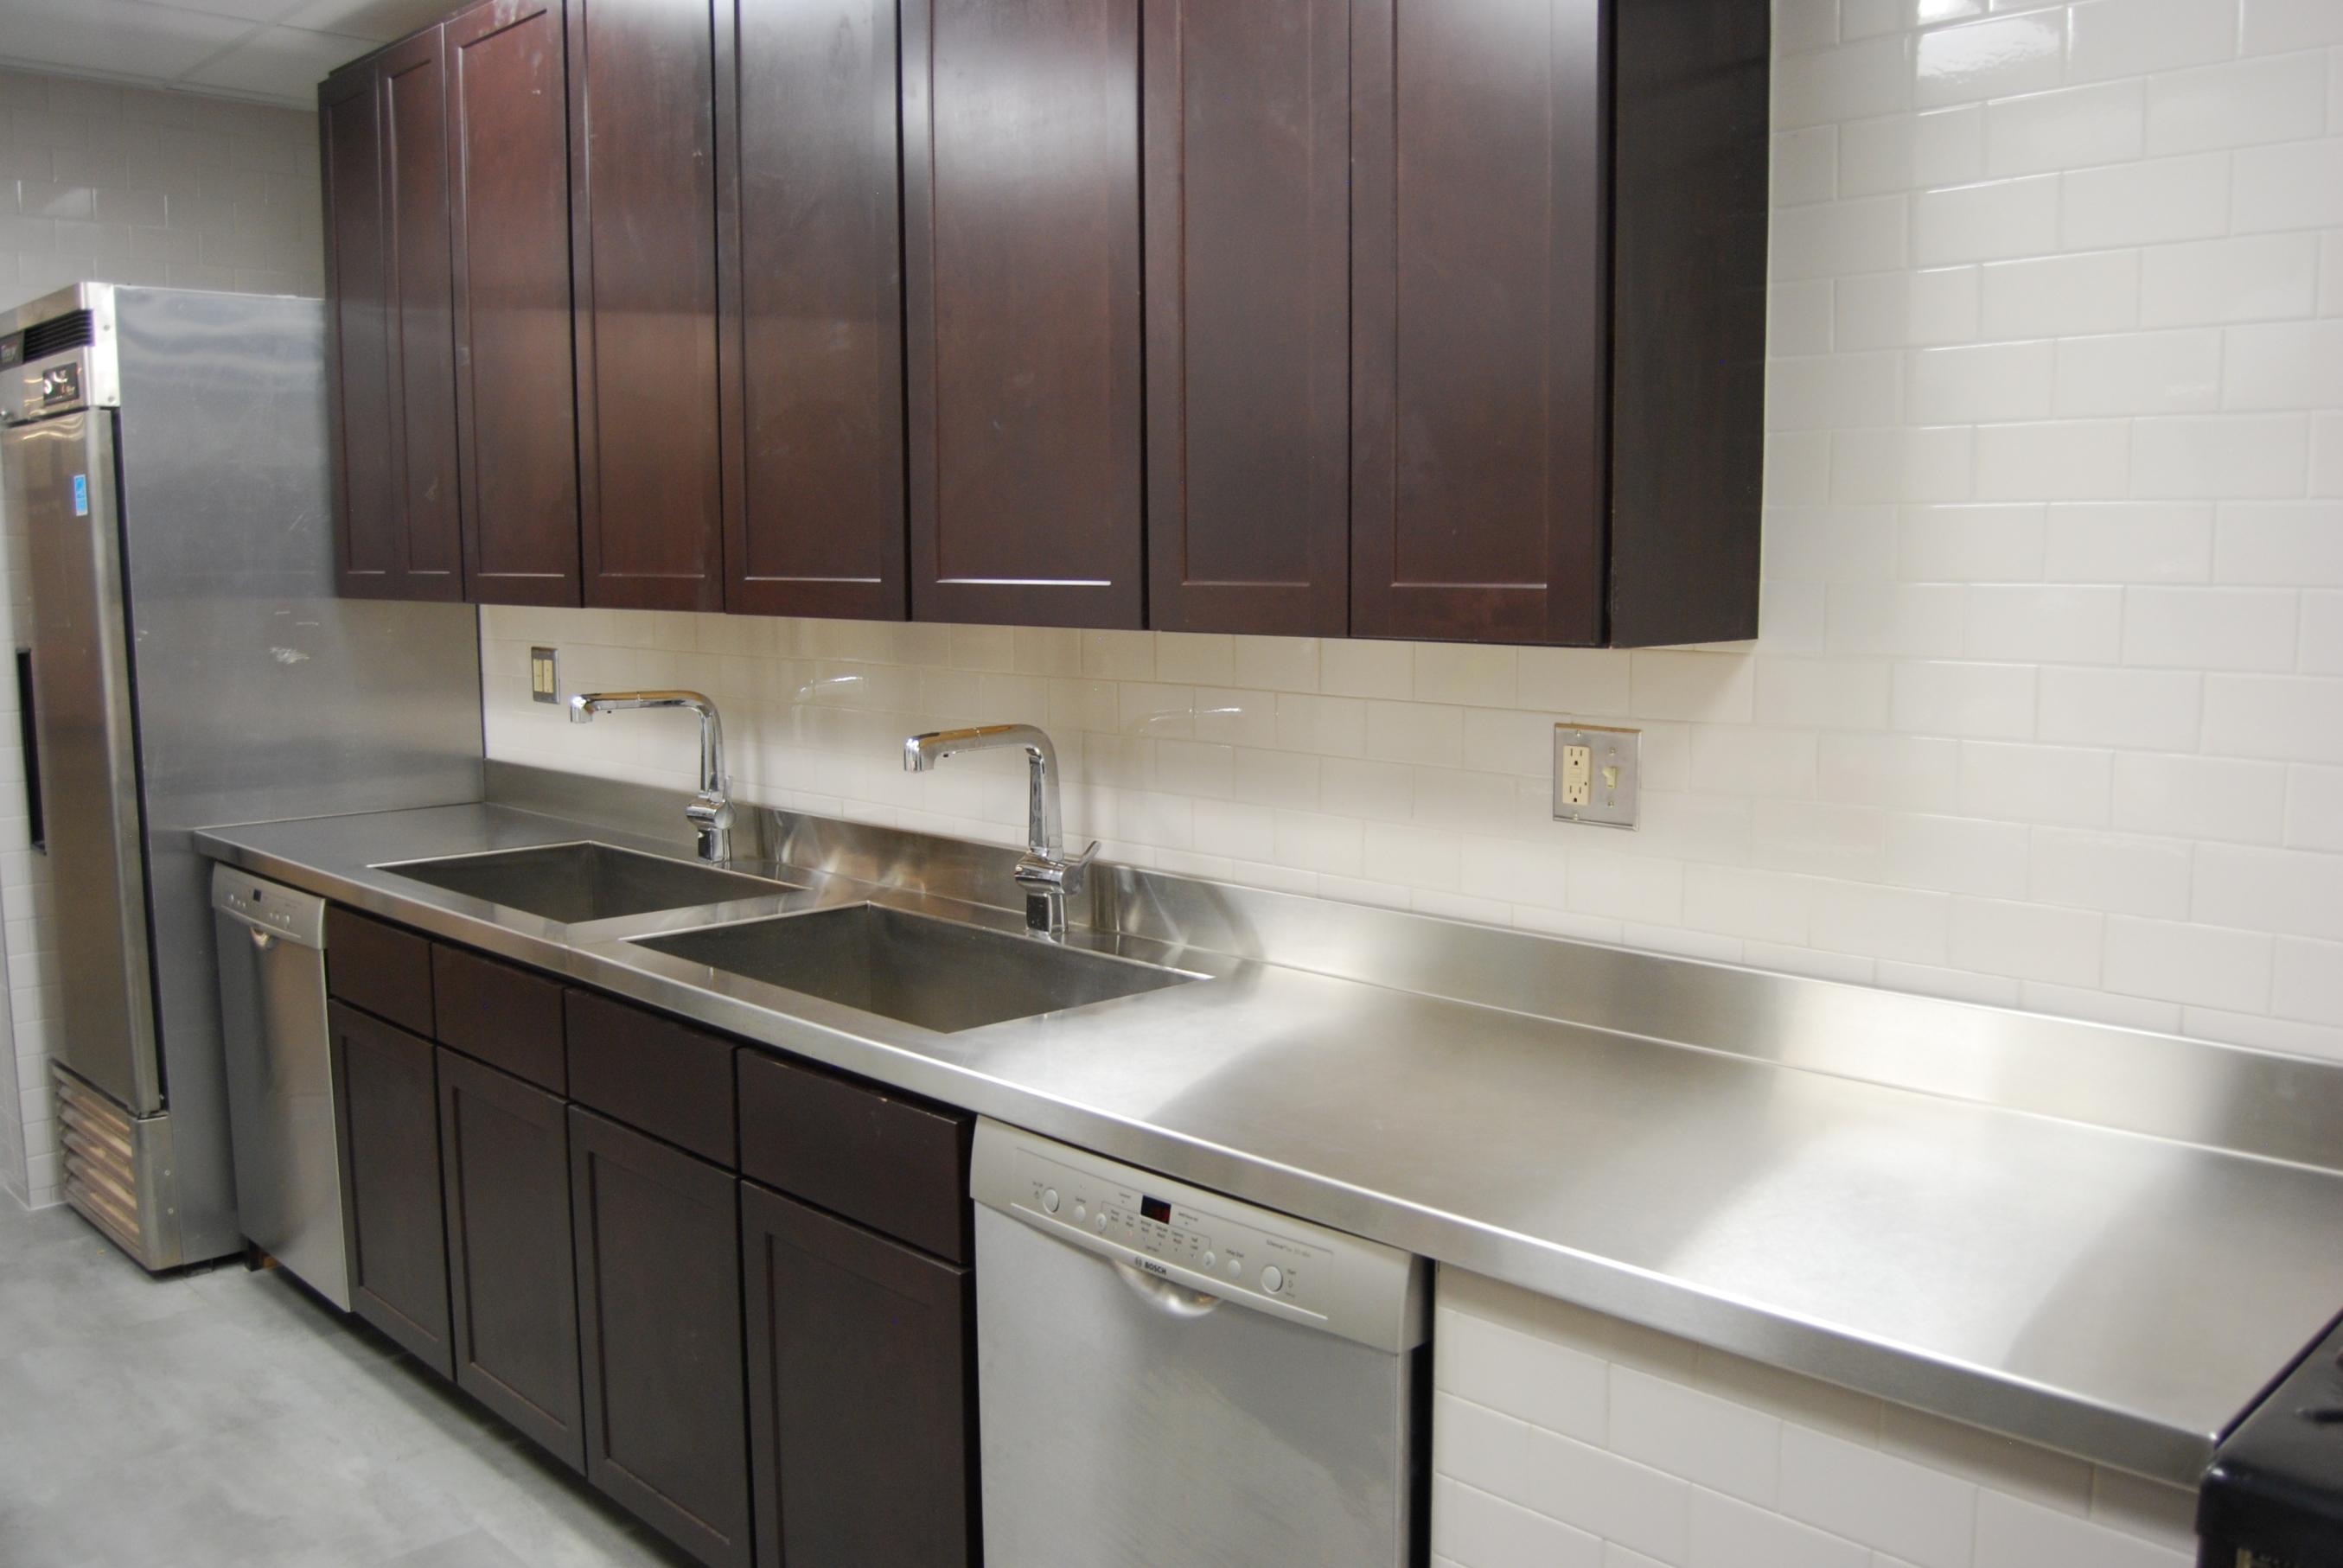 Stainless Steel Counter Tops Door Styles Accessories